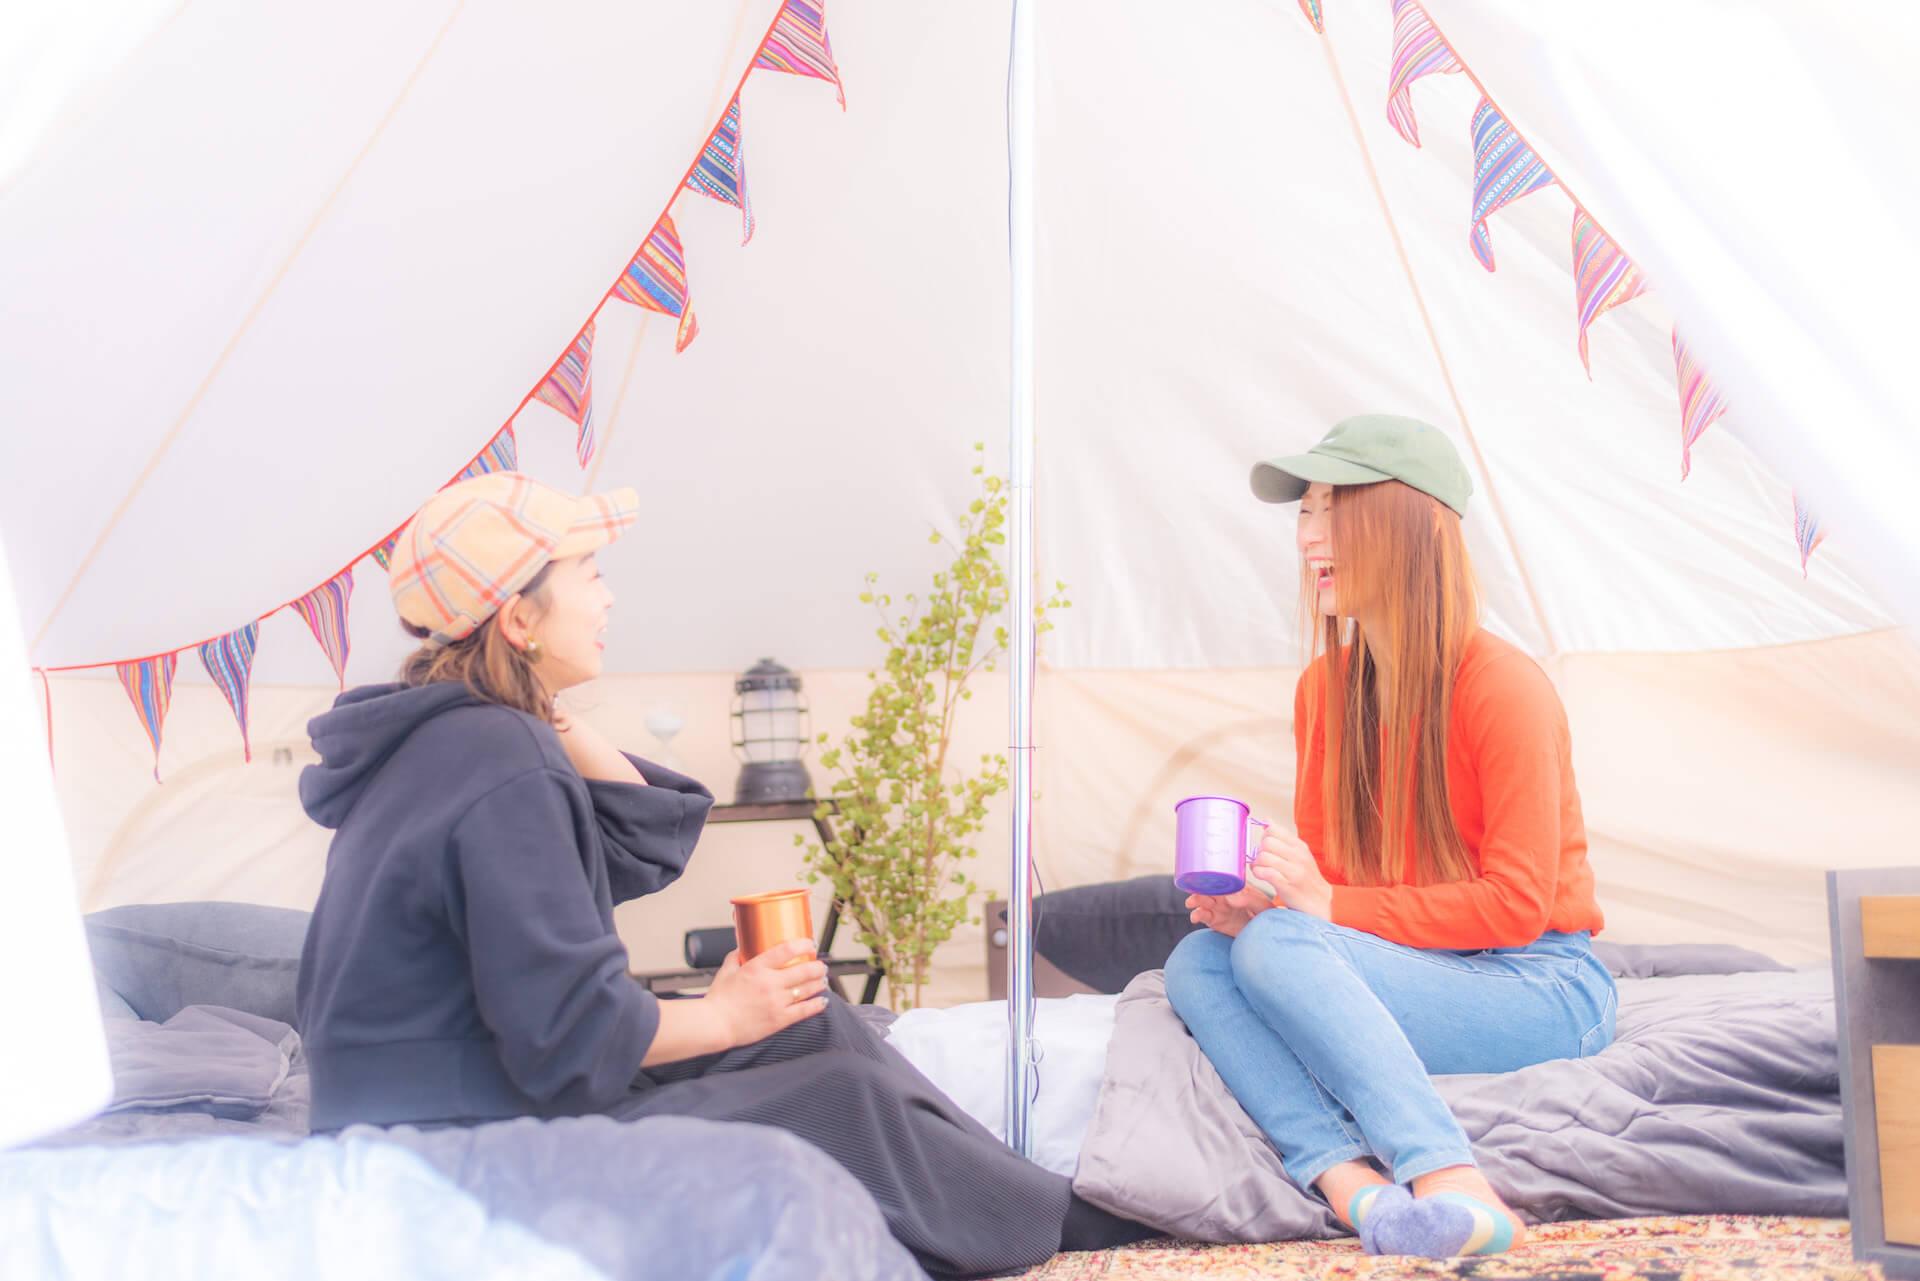 音楽と瞑想、ヨガ、サウナで心を癒し整えるキャンプフェス<SOUL RETREAT CAMP 2021>が開催決定! culture20121_soulretreatcamp_13